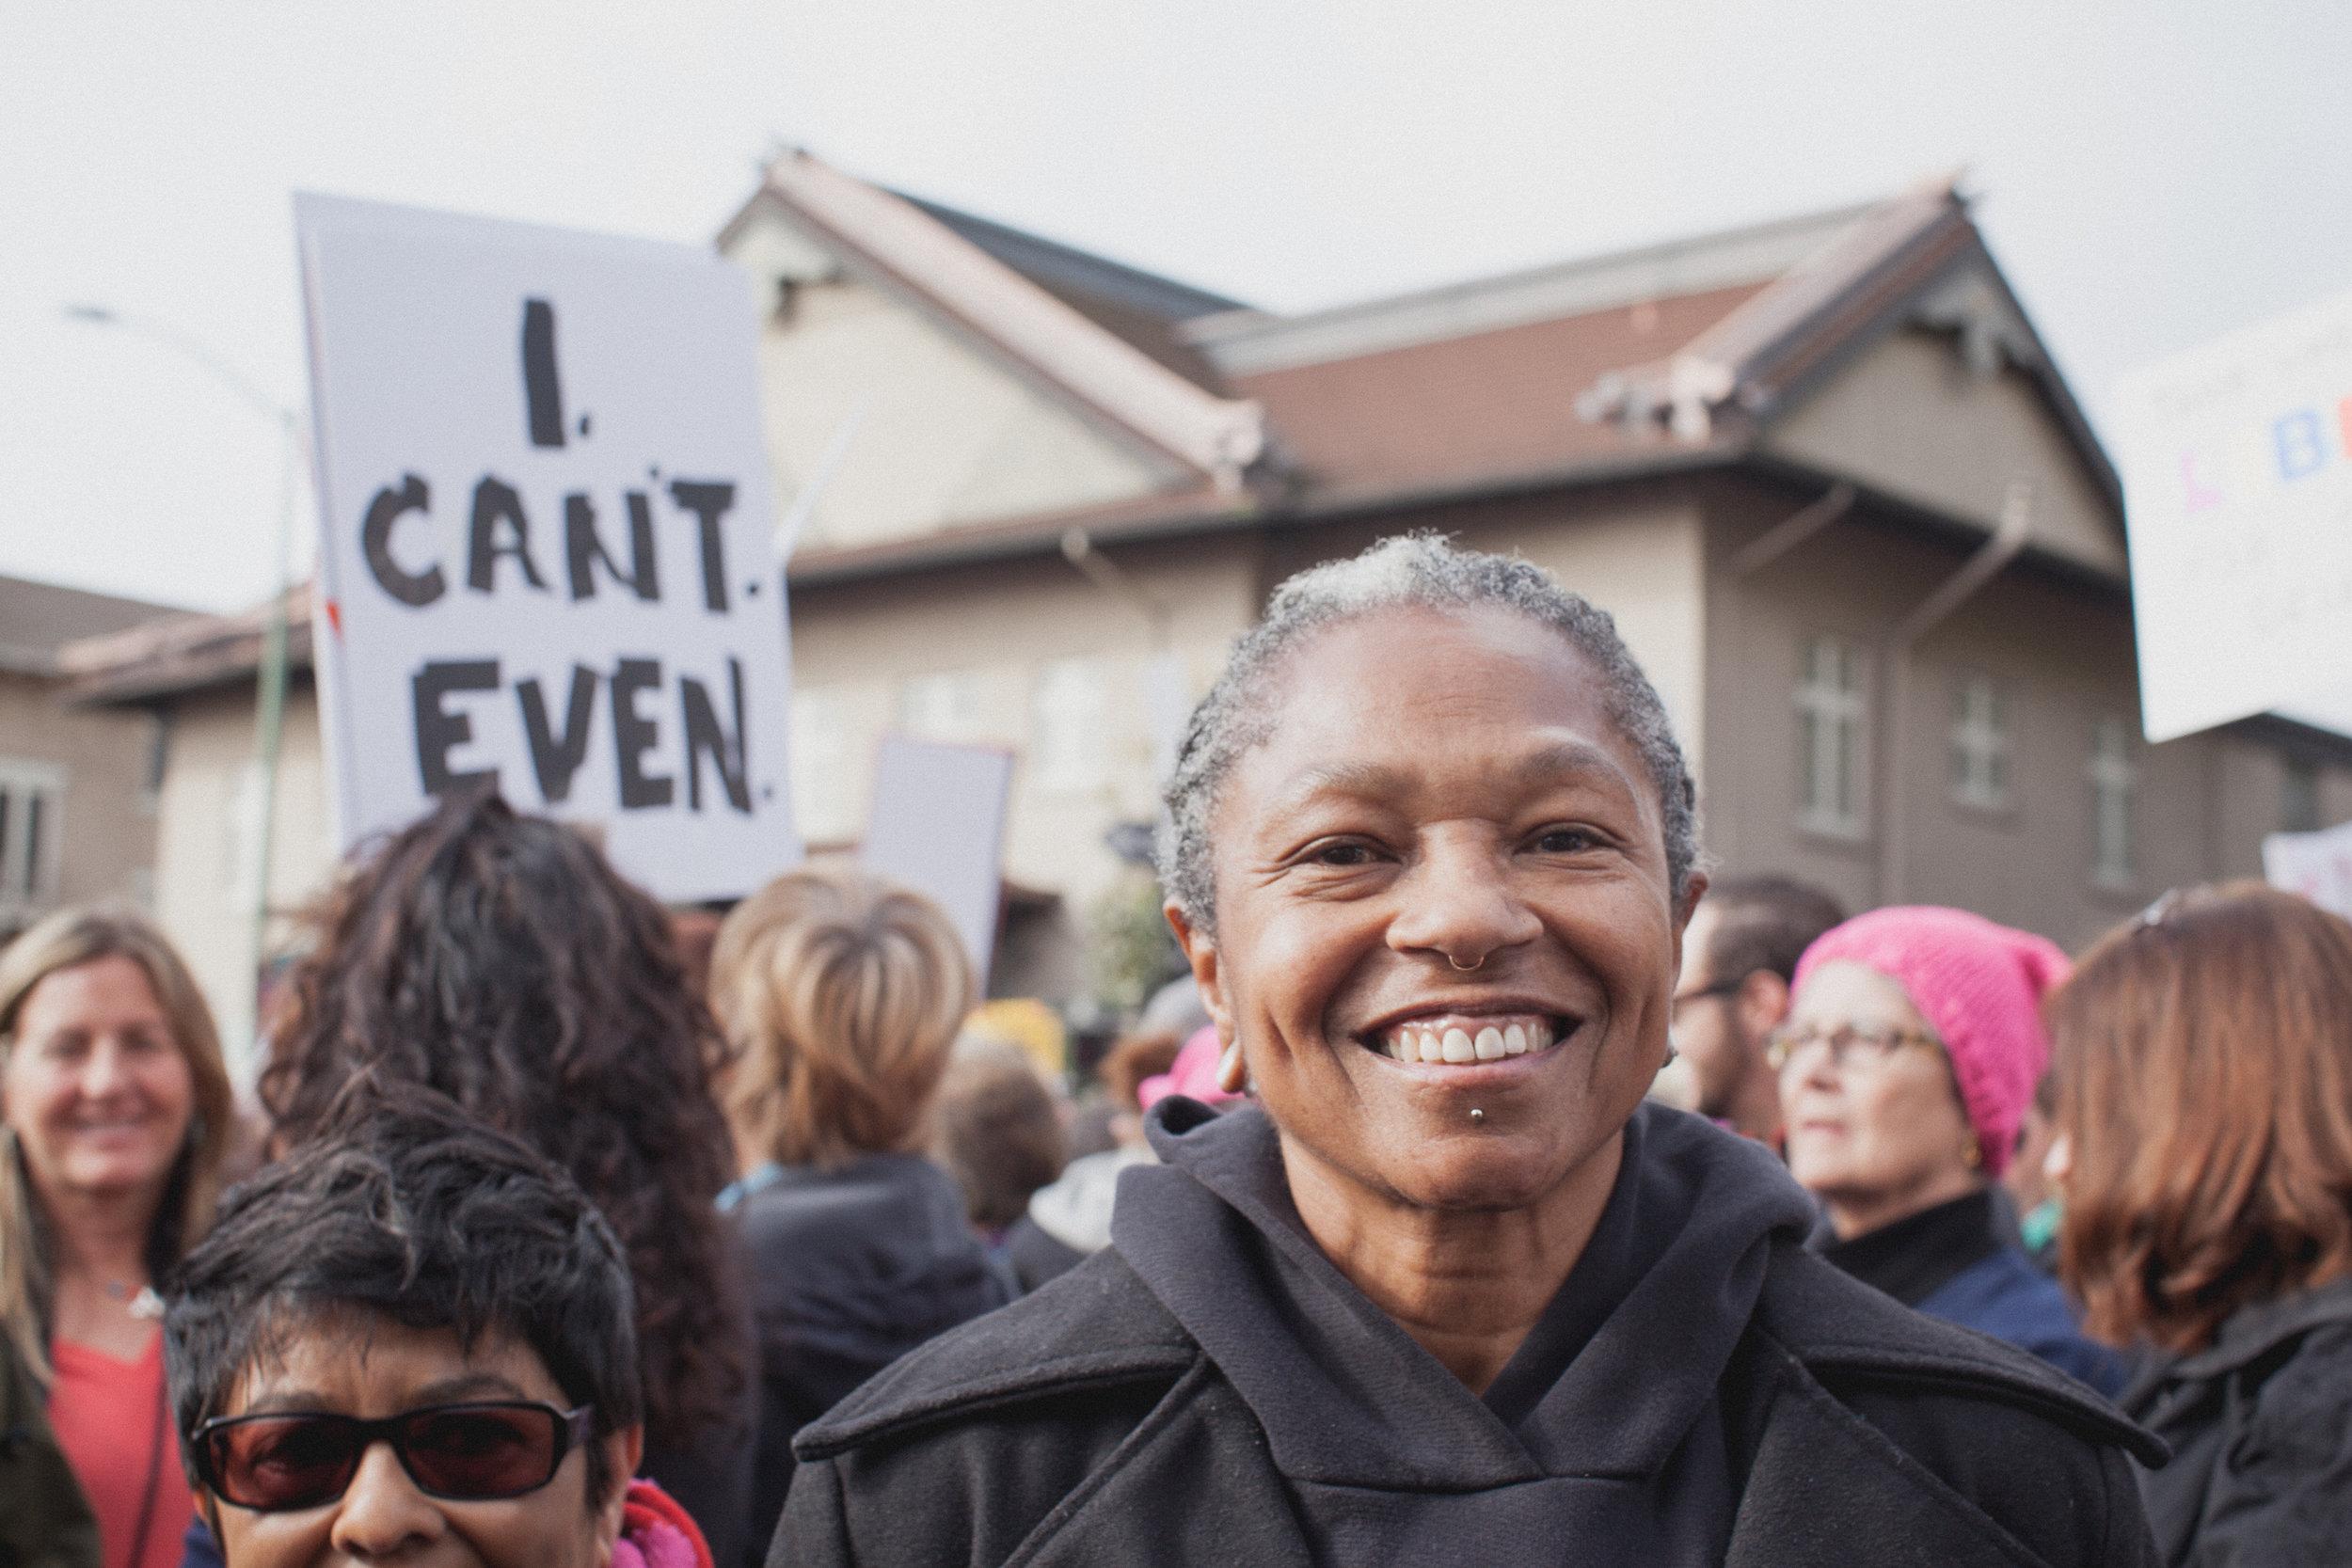 ©EmilySevinPhoto_Women's March Stills_01-21-2017_011.jpg